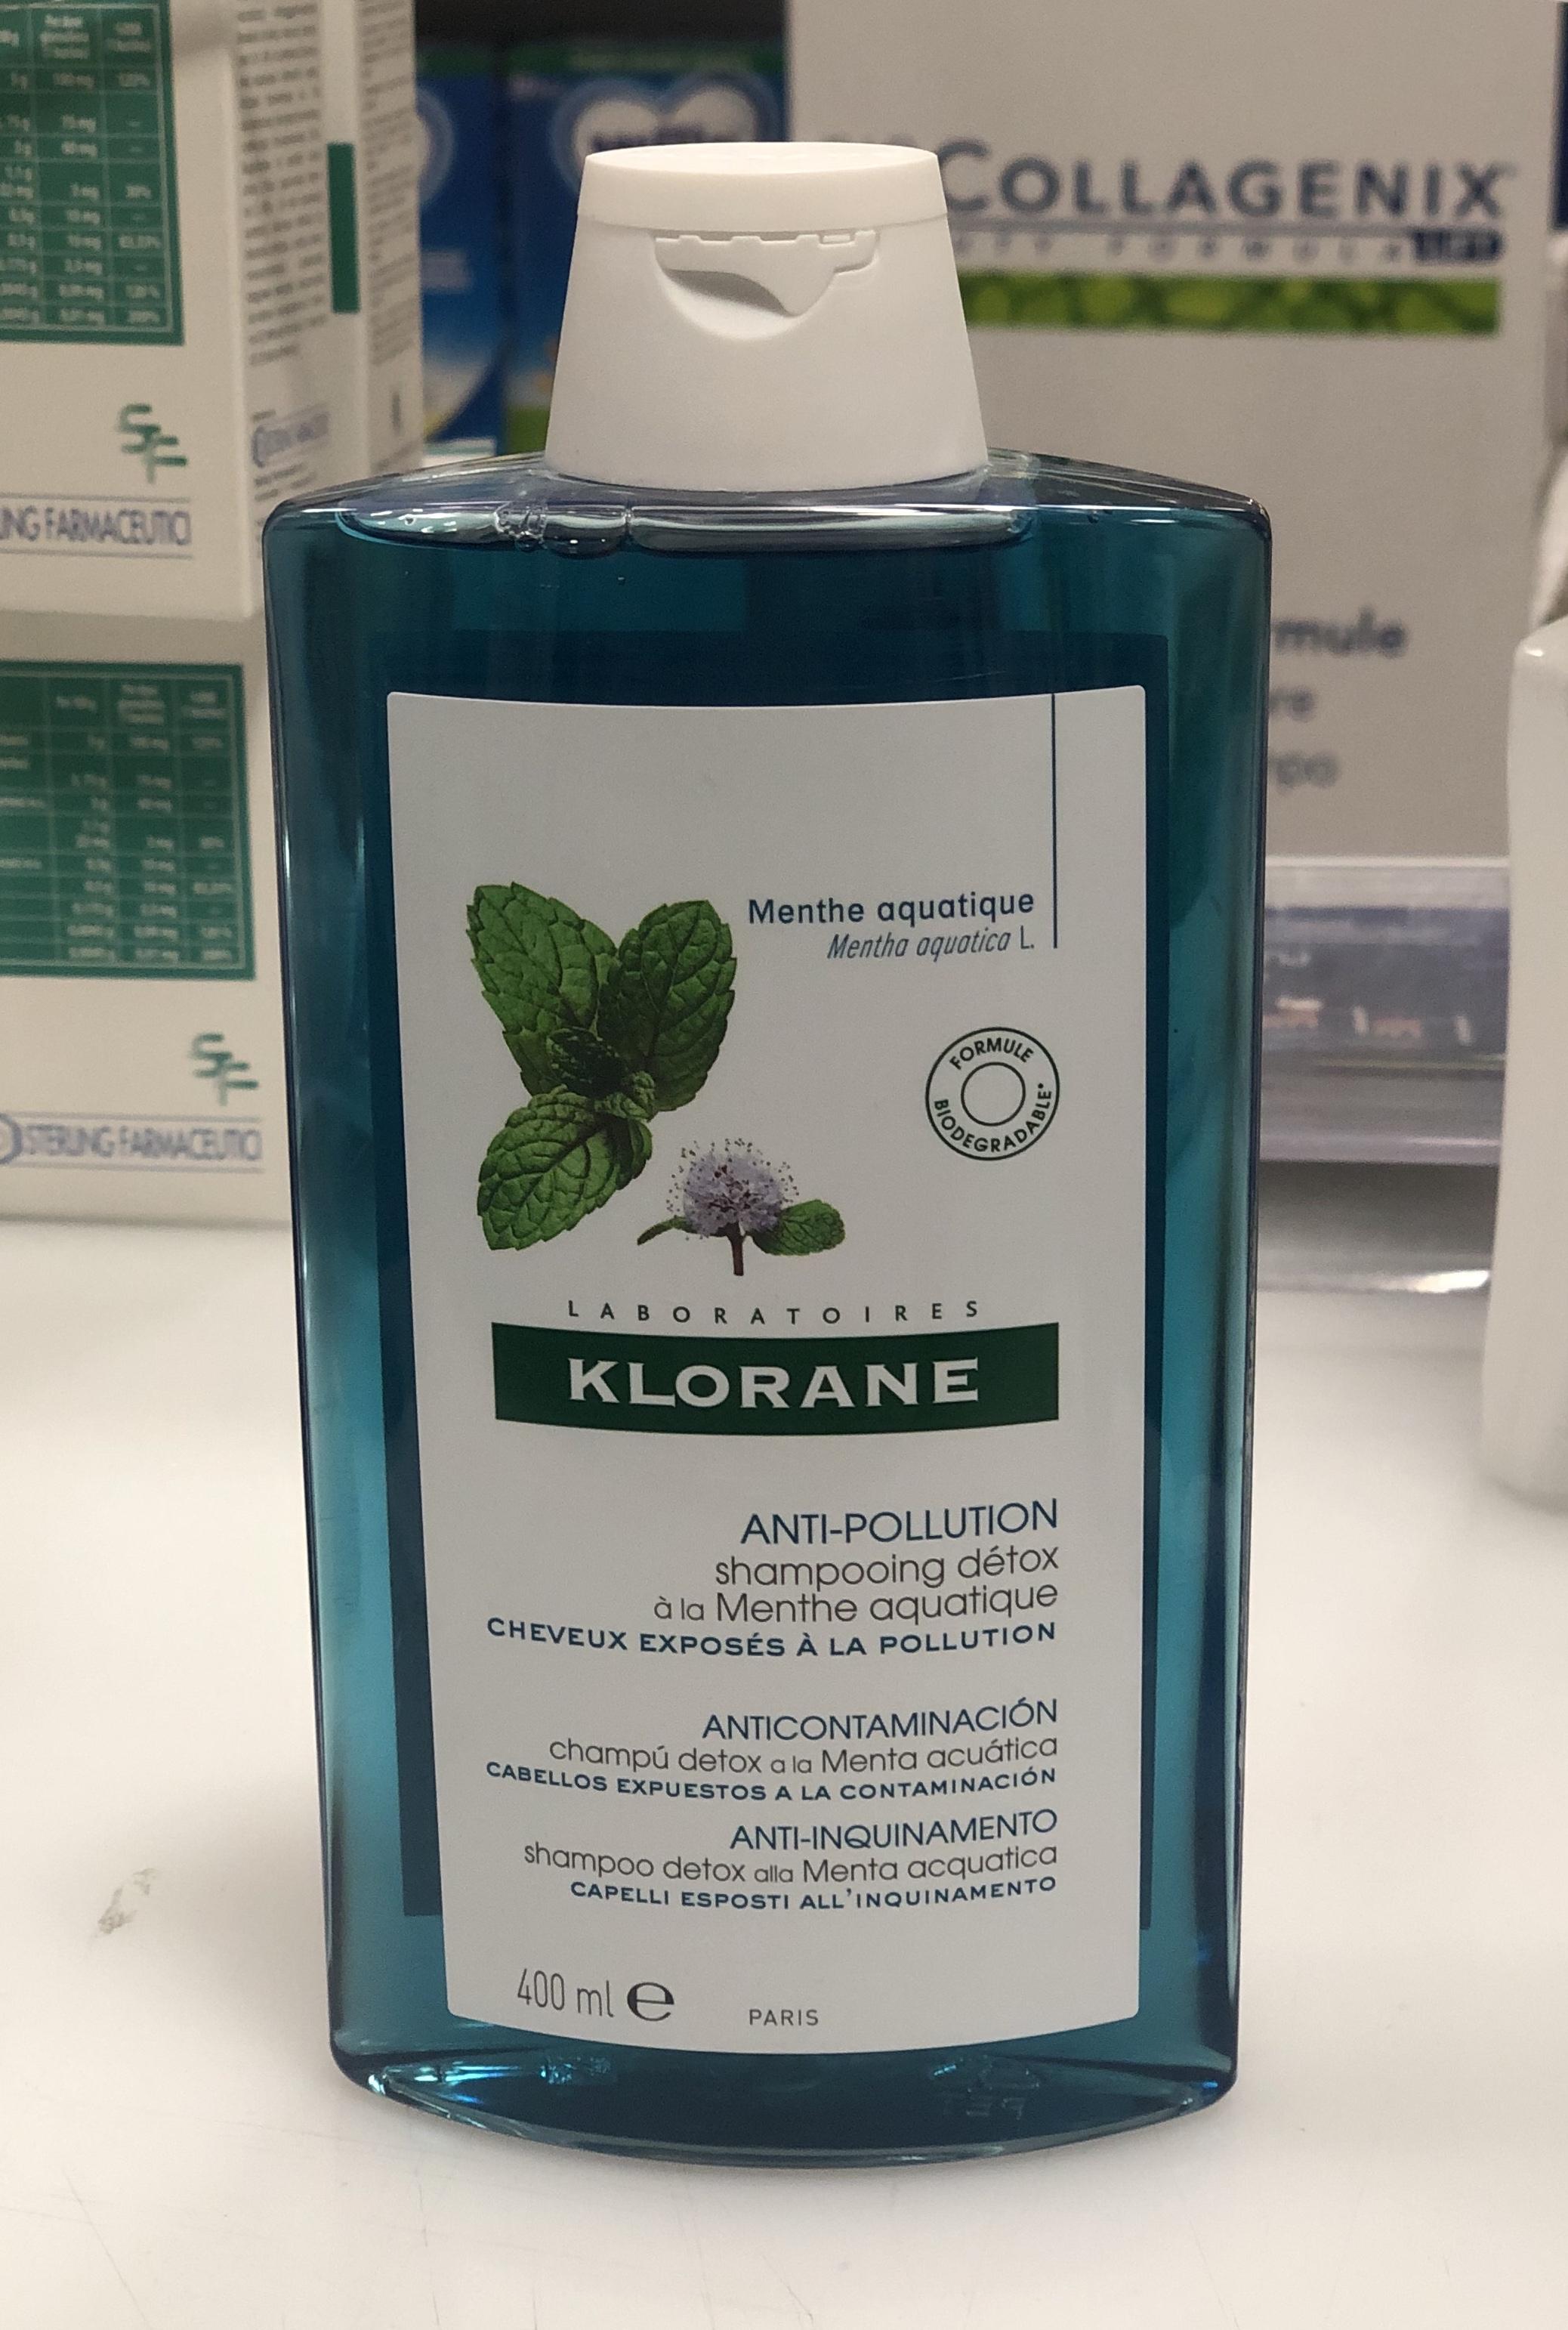 Klorane shampoo detox alla Menta acquatica 400 ml